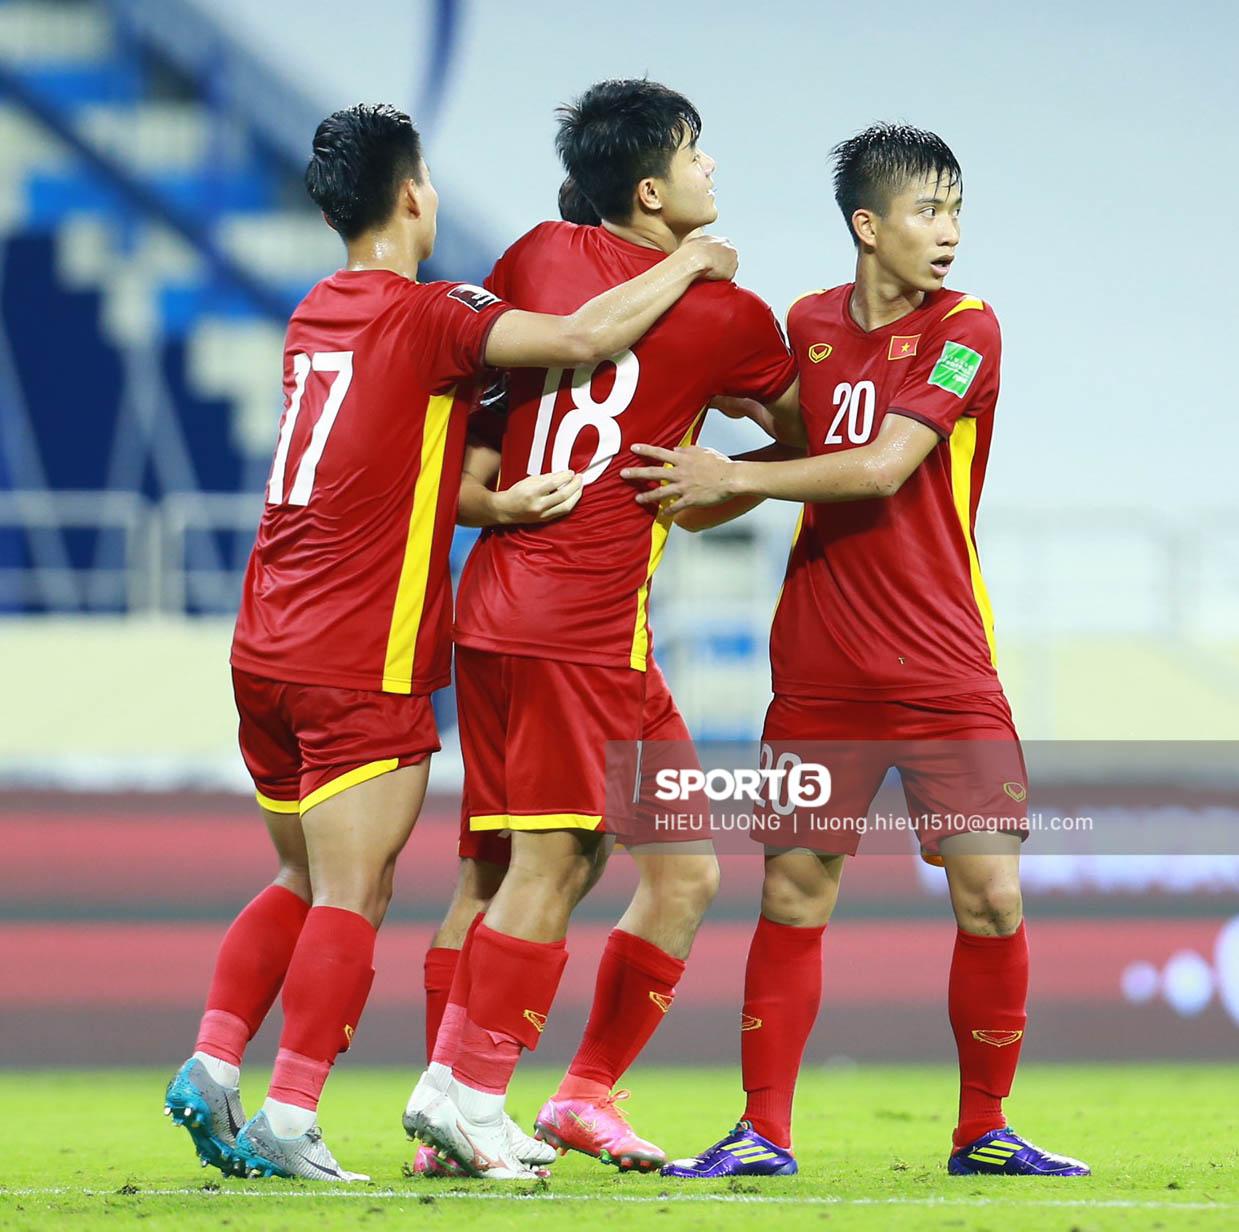 Chùm ảnh tuyển Việt Nam hân hoan với niềm vui chiến thắng Malaysia - ảnh 17